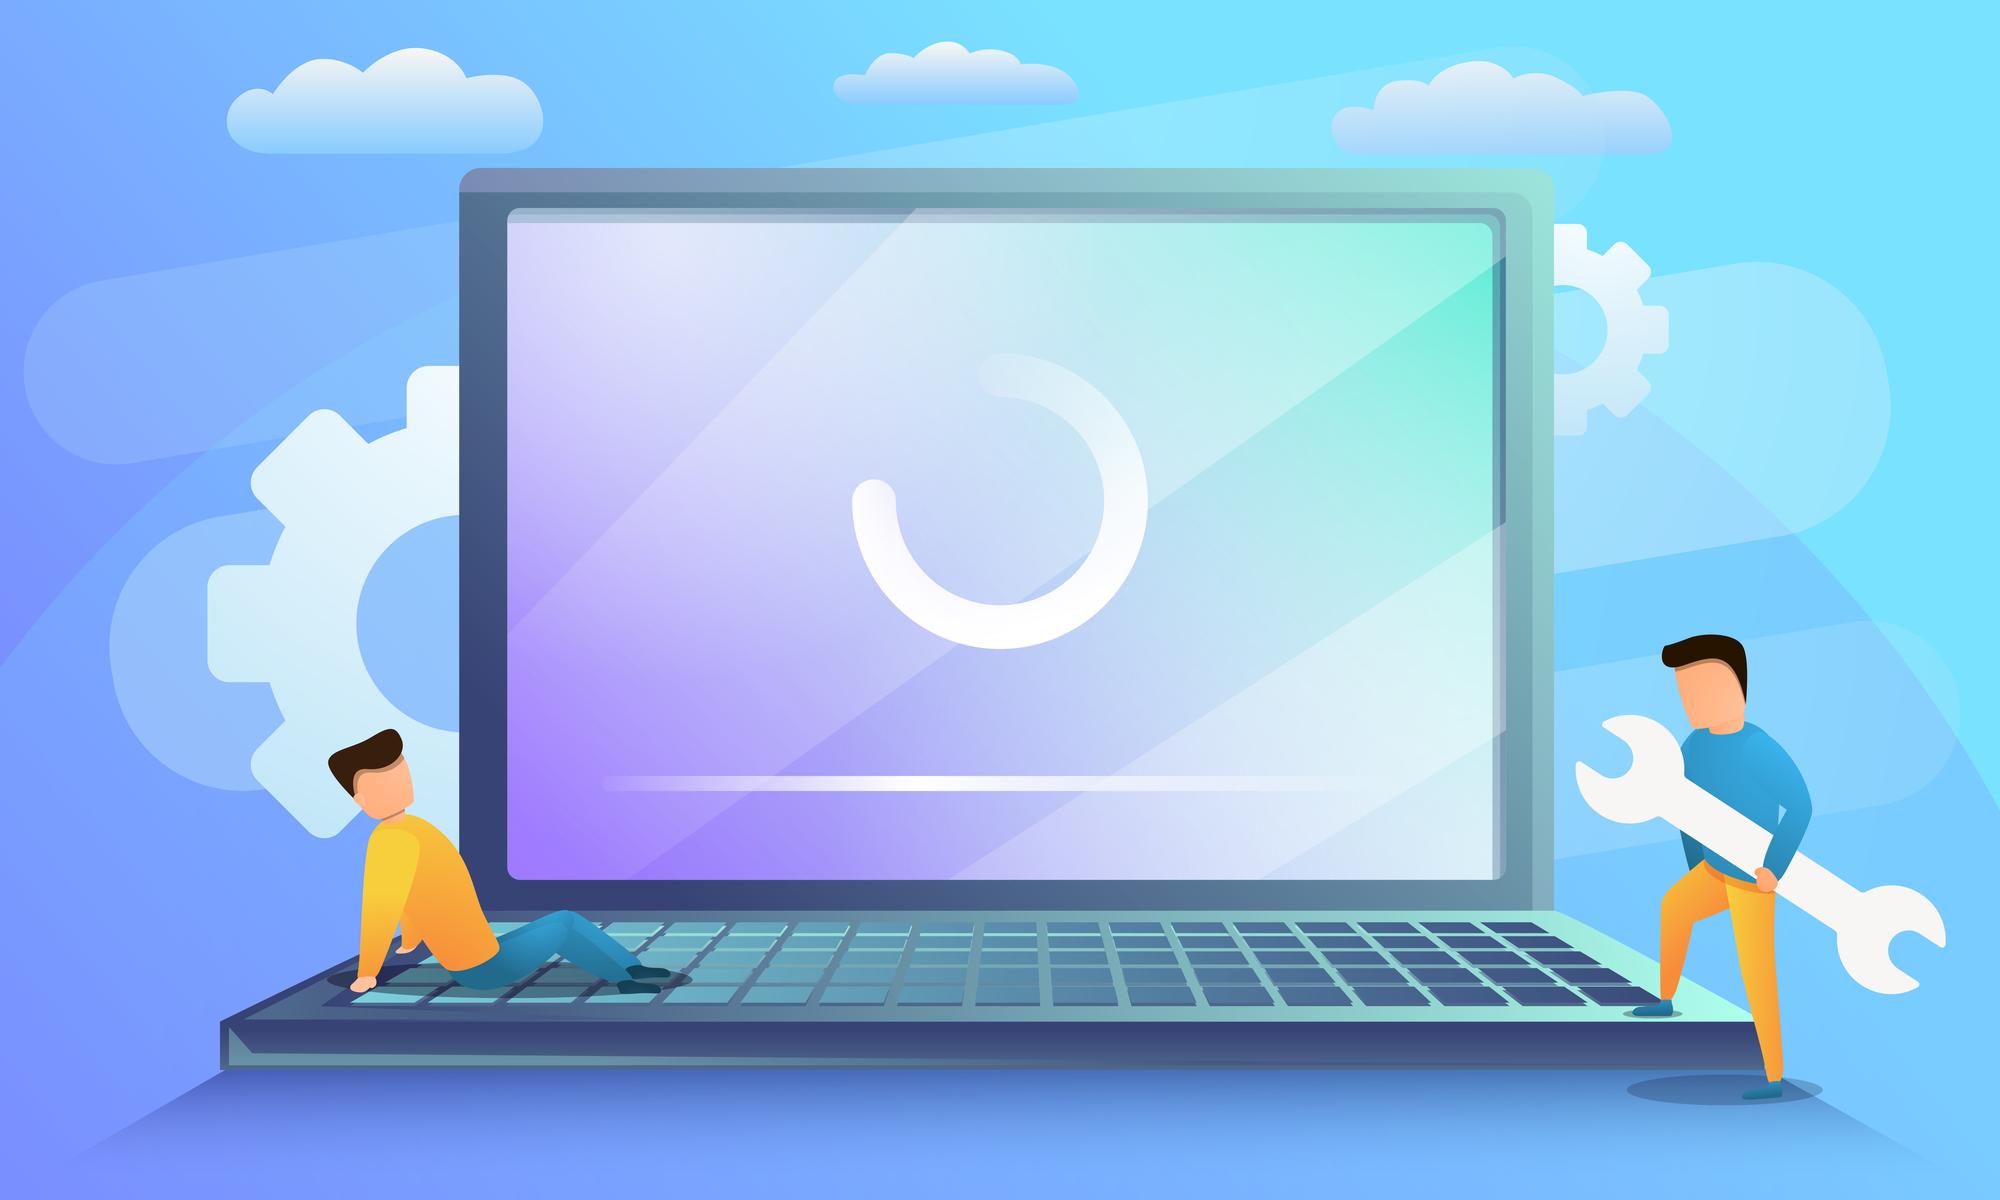 AWSとオンプレミスの違いとは?メリット・デメリットや連携サービス3つを紹介のアイキャッチイメージ